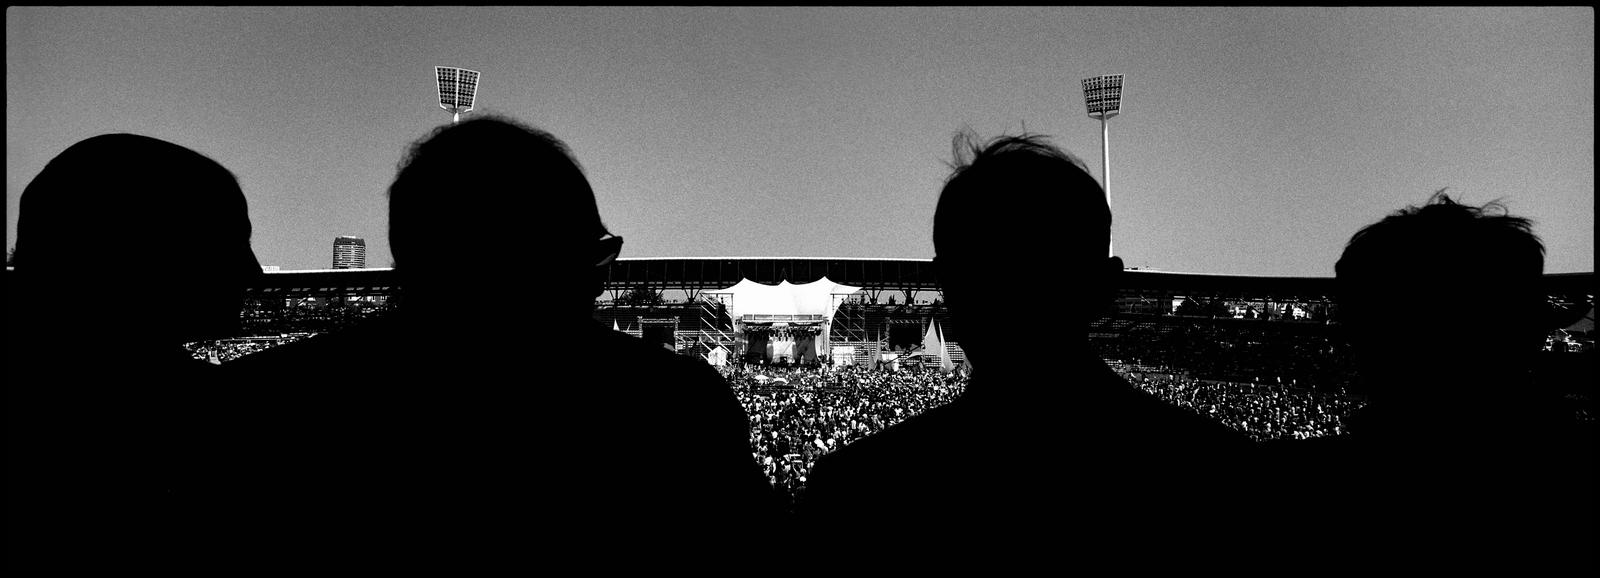 Environ 40000 personnes se sont réunies au stade Charlety à Paris le 1er mai 2007 pour le dernier grand meeting de Ségolène Royal à quelques jours du second tour de l'élection Présidentielle.